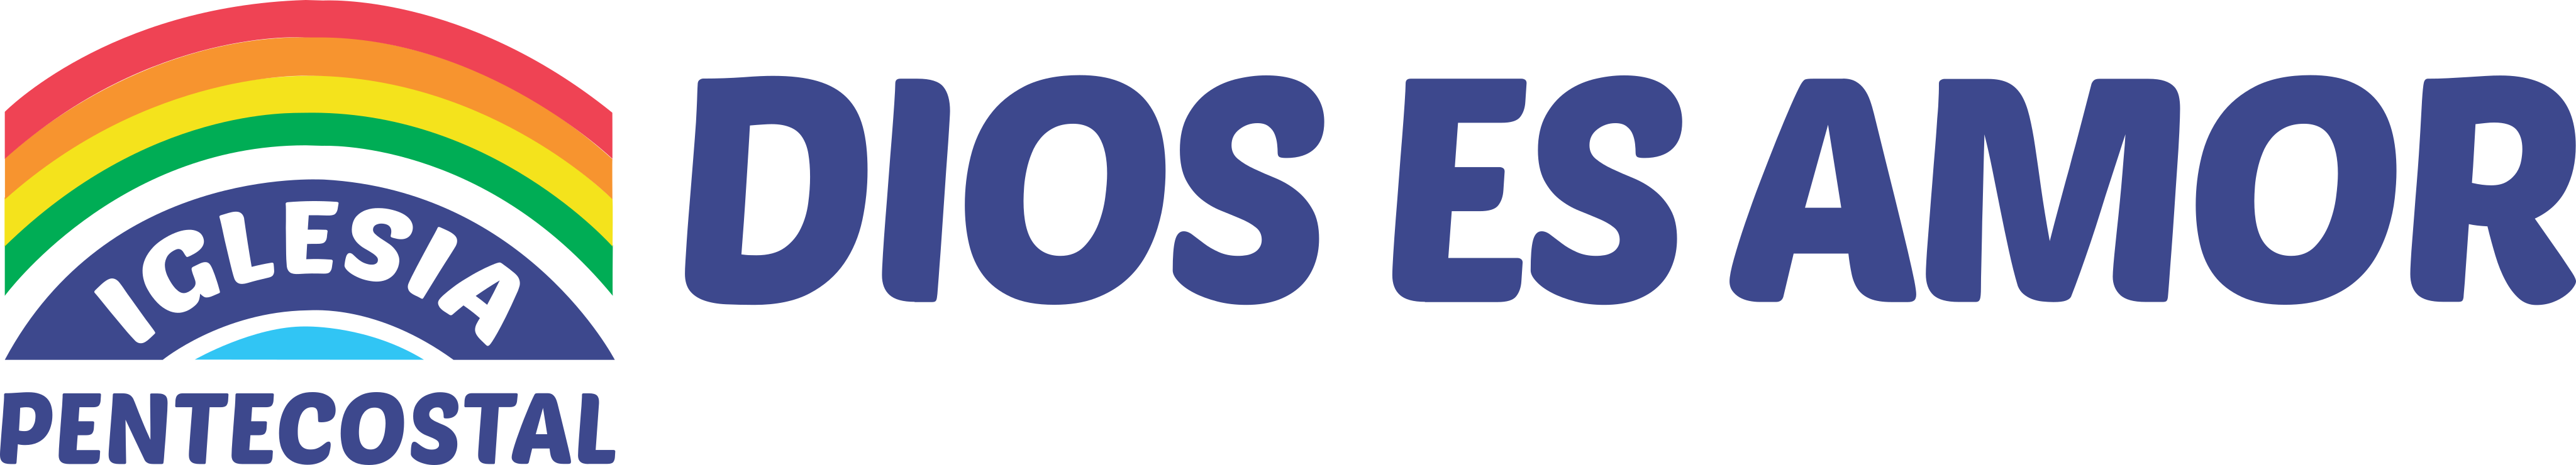 dios es amor logo - Dios es Amor Logo